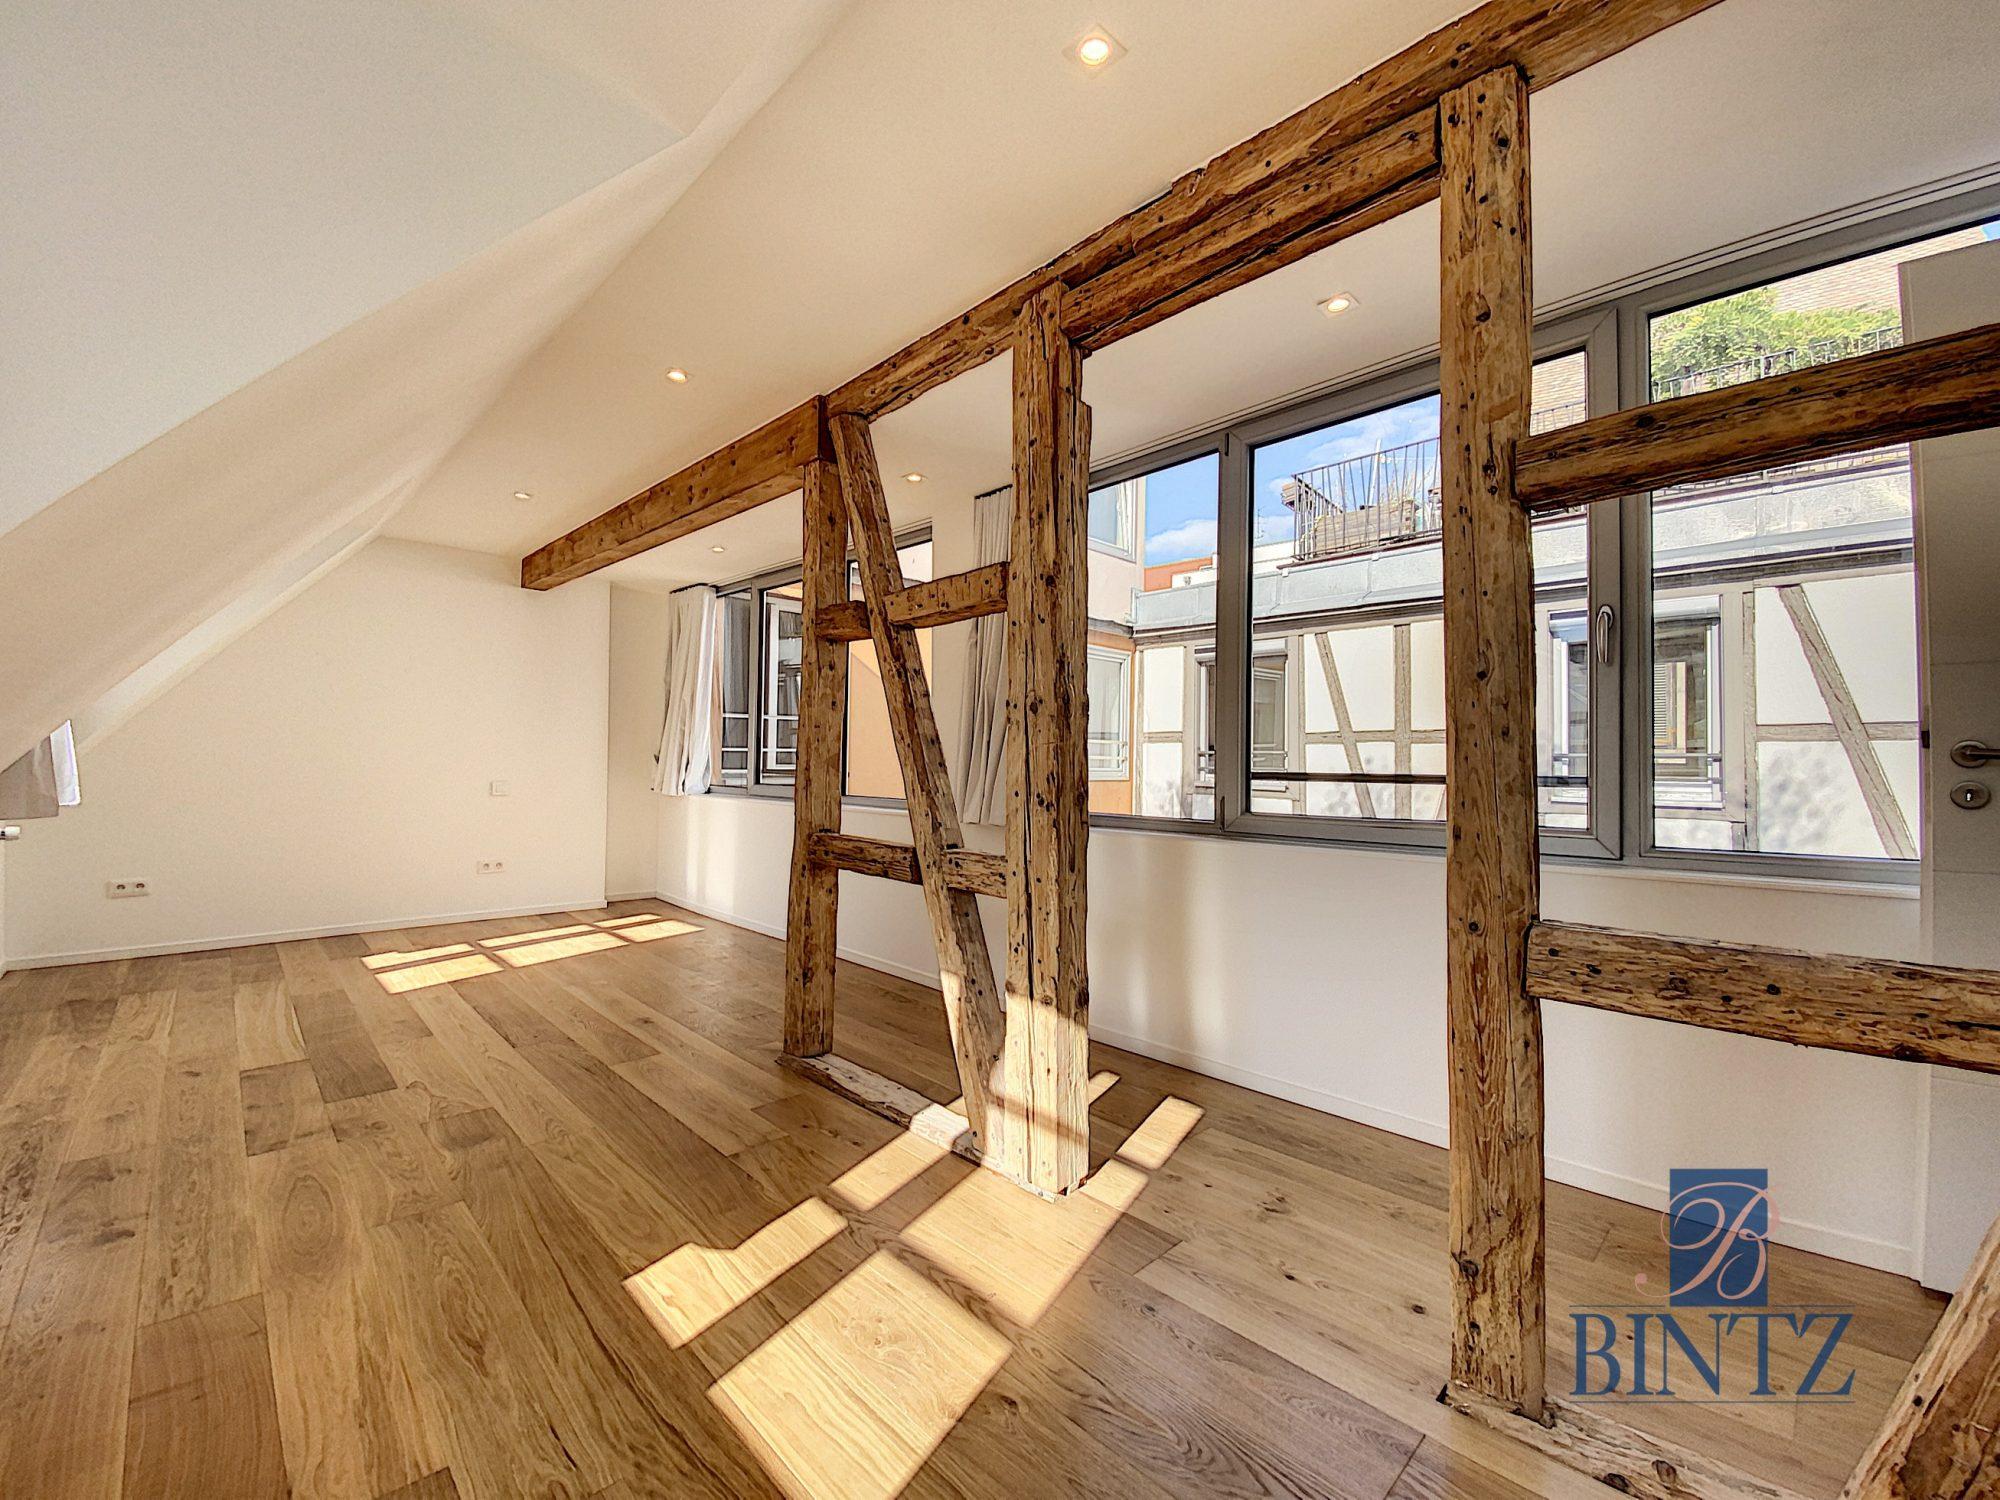 5 pièces d'exception face à la mairie - Devenez locataire en toute sérénité - Bintz Immobilier - 17